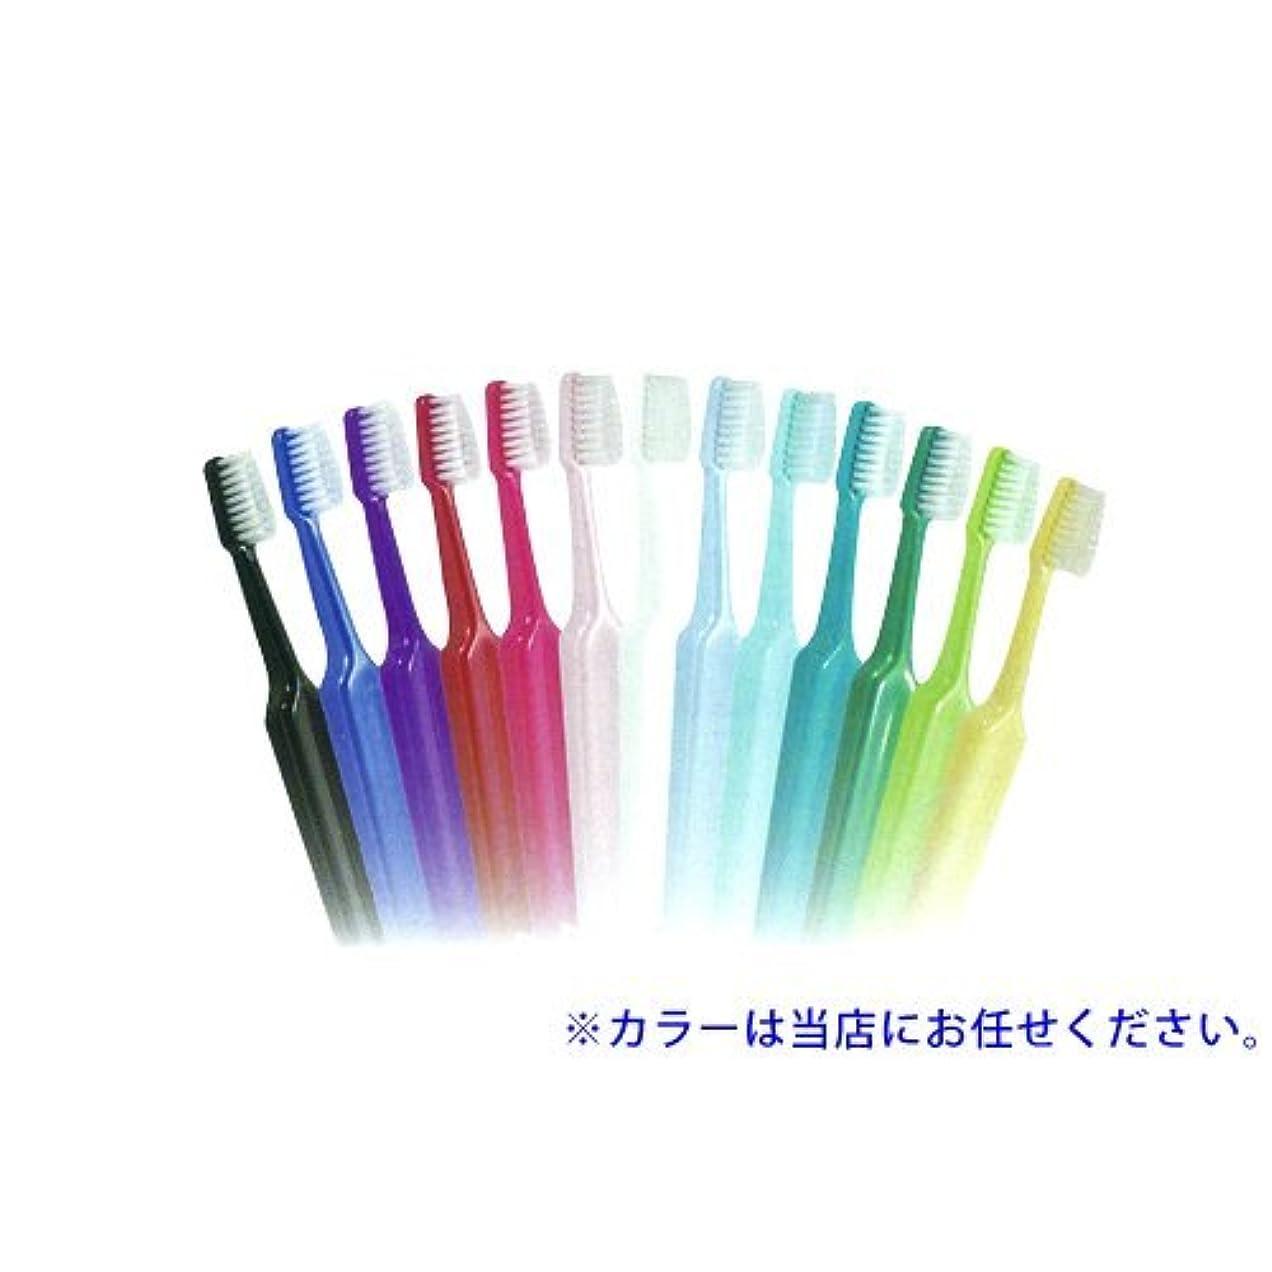 ドループ離す支配するクロスフィールド TePe テペ セレクトコンパクト 歯ブラシ 1本 コンパクト ソフト